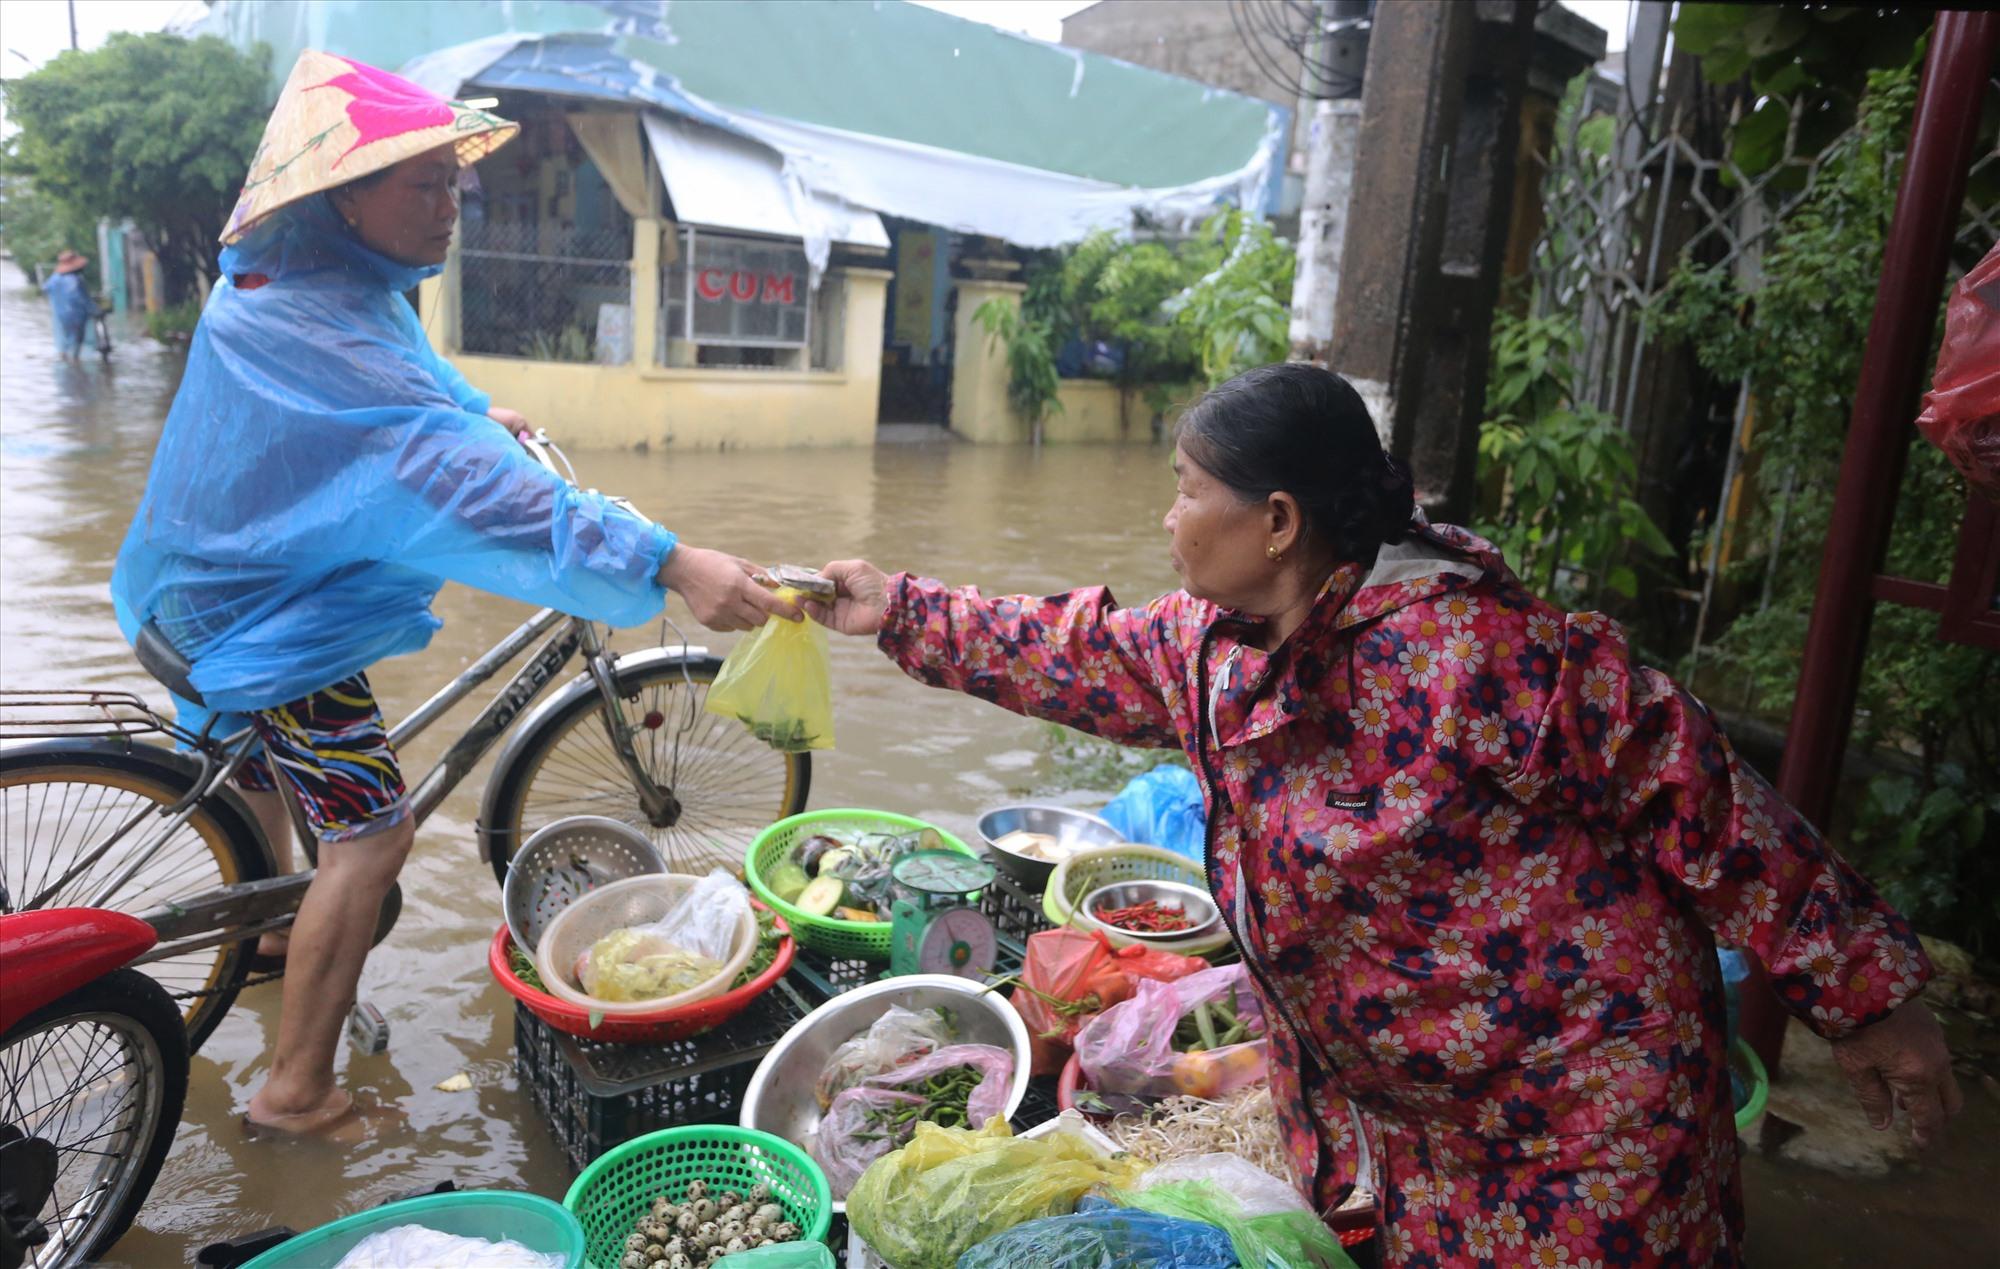 Bà Đỗ Thị Bảy chủ hàng rau củ cho biết, dù nước ngập nhưng cũng phải bán để phục vụ người dân nhằm tiêu thụ hết hàng hóa, còn đưa về để lâu ngày bị hư hỏng.